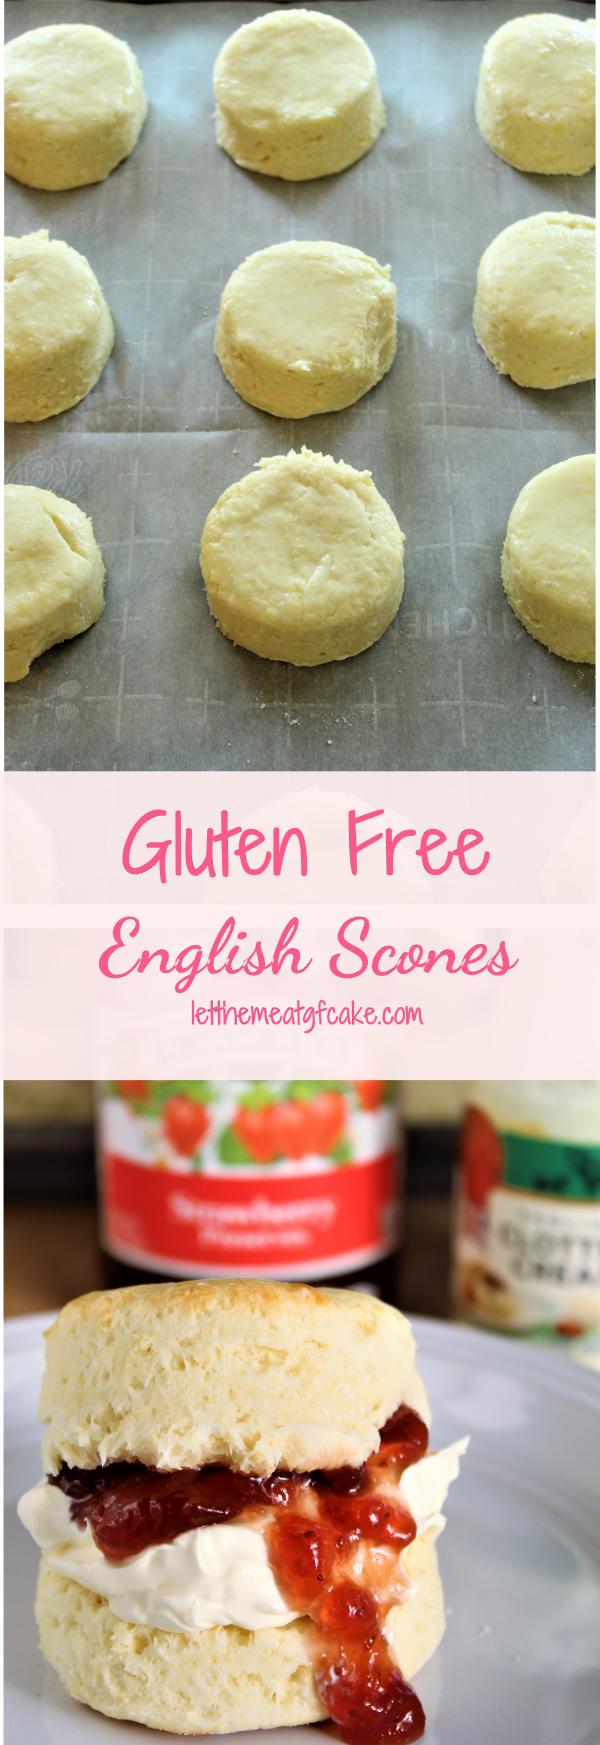 Gluten Free English Scones #glutenfreebreakfasts